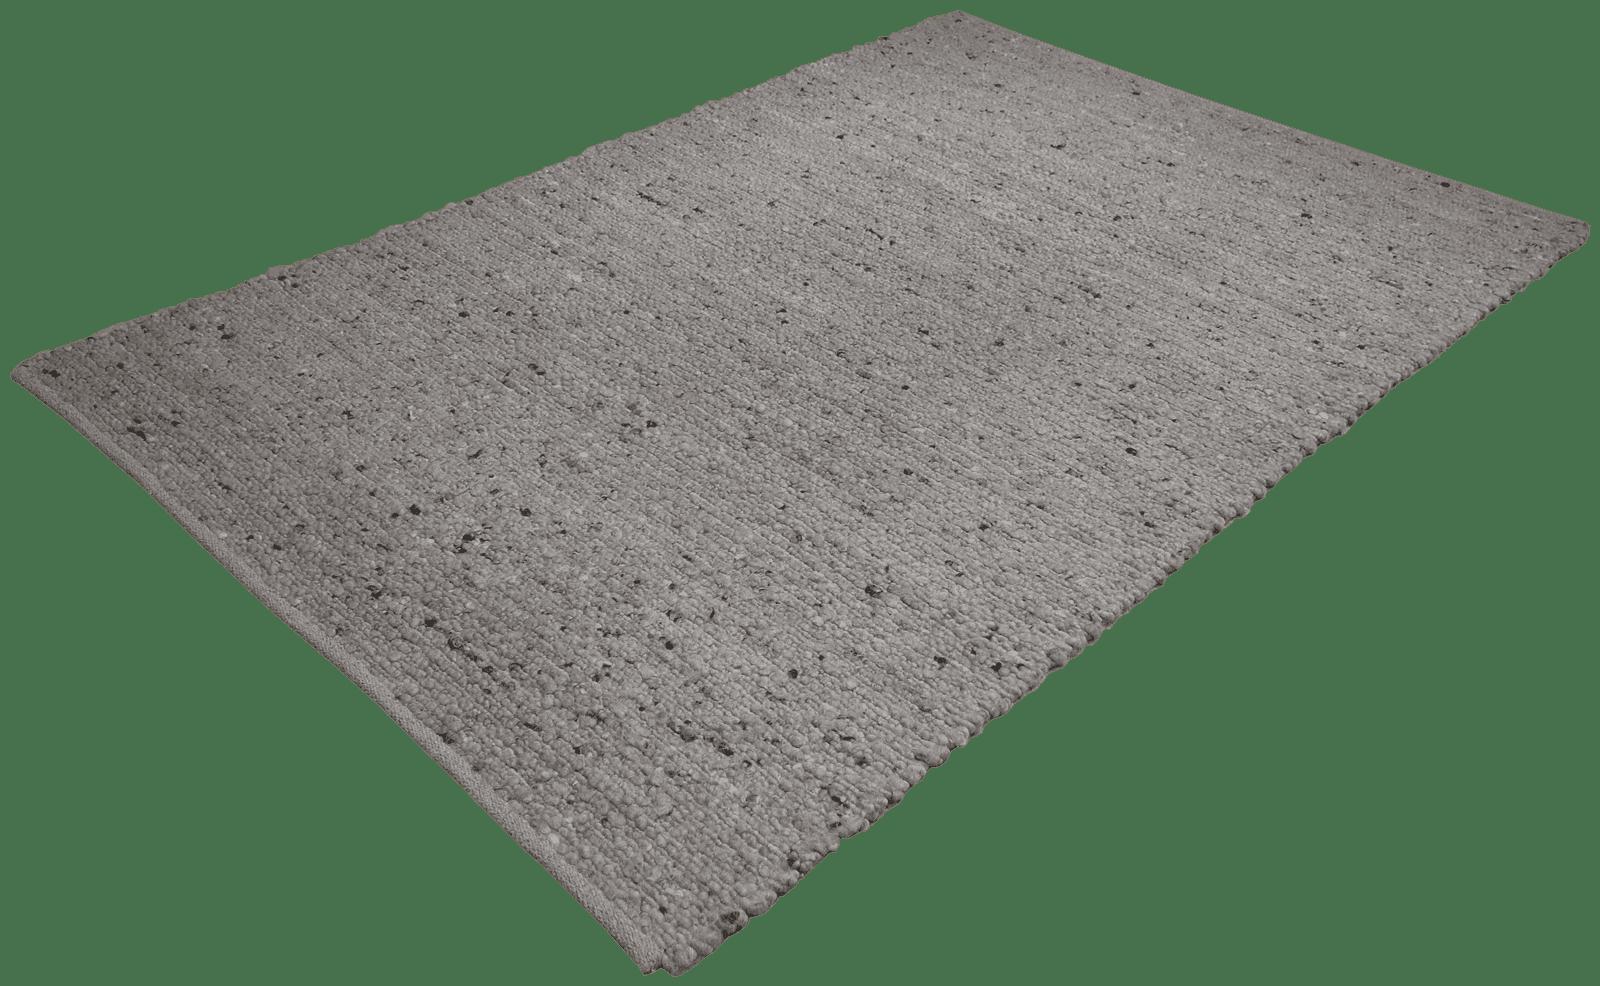 athmos-collection-design-tapijt-moderne-tapijten-handgeweven-design-exclusieve-luxe-vloerkleden-charcoal-grijs-antraciet-koreman-maastricht-03526-schuin2.png